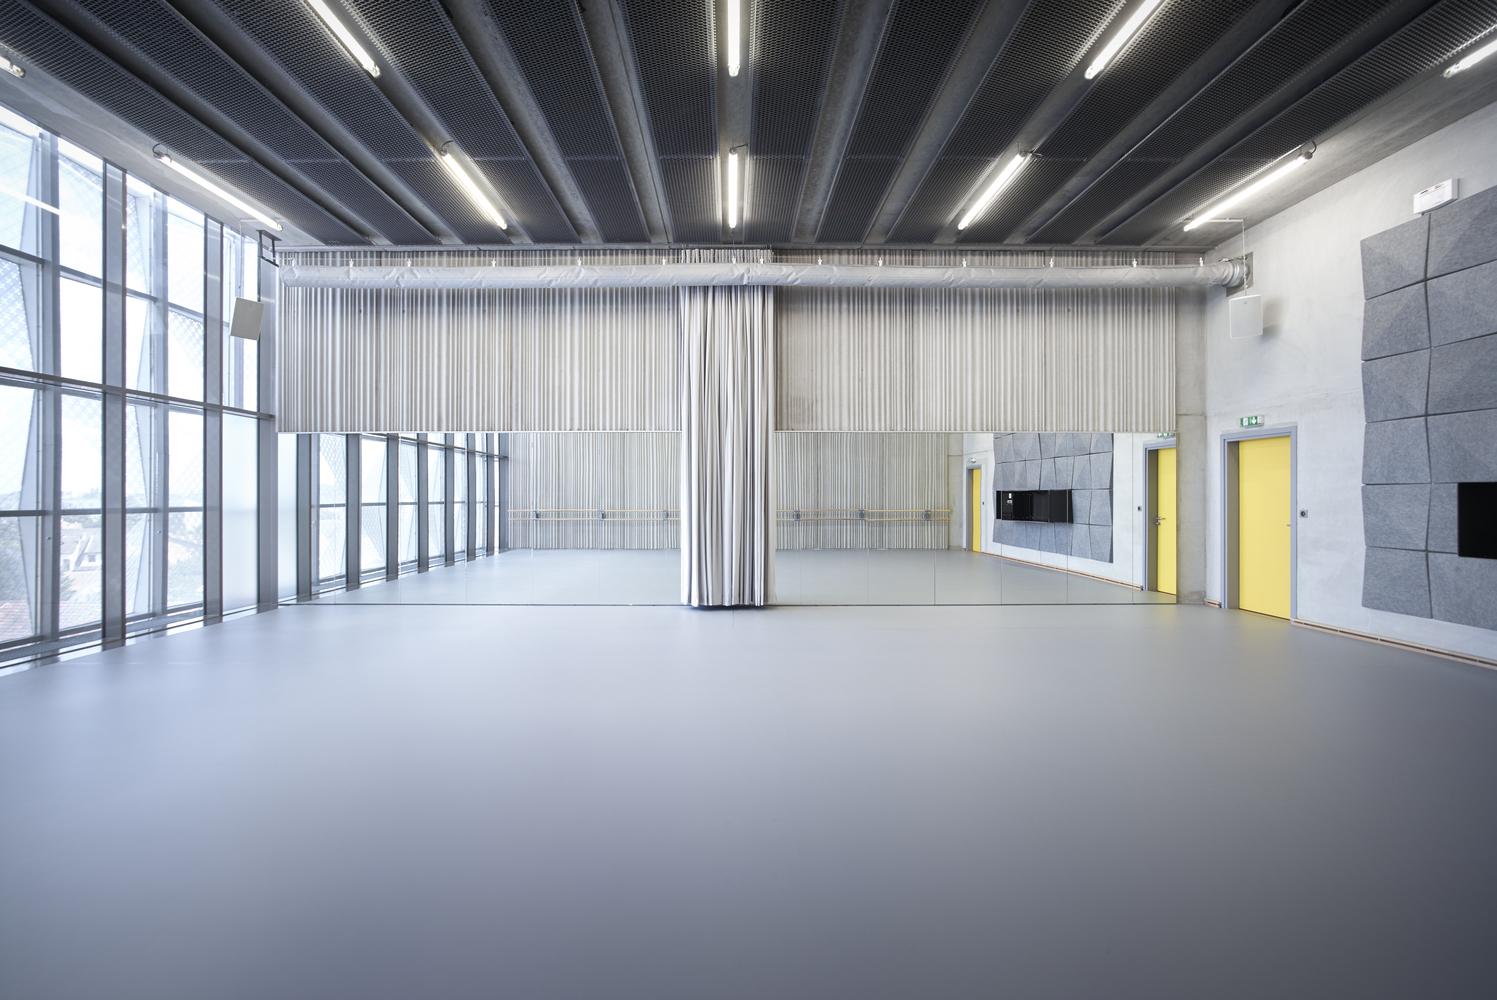 7_Dance School Aurélie-Dupont_Lankry architectes_Inspirationist